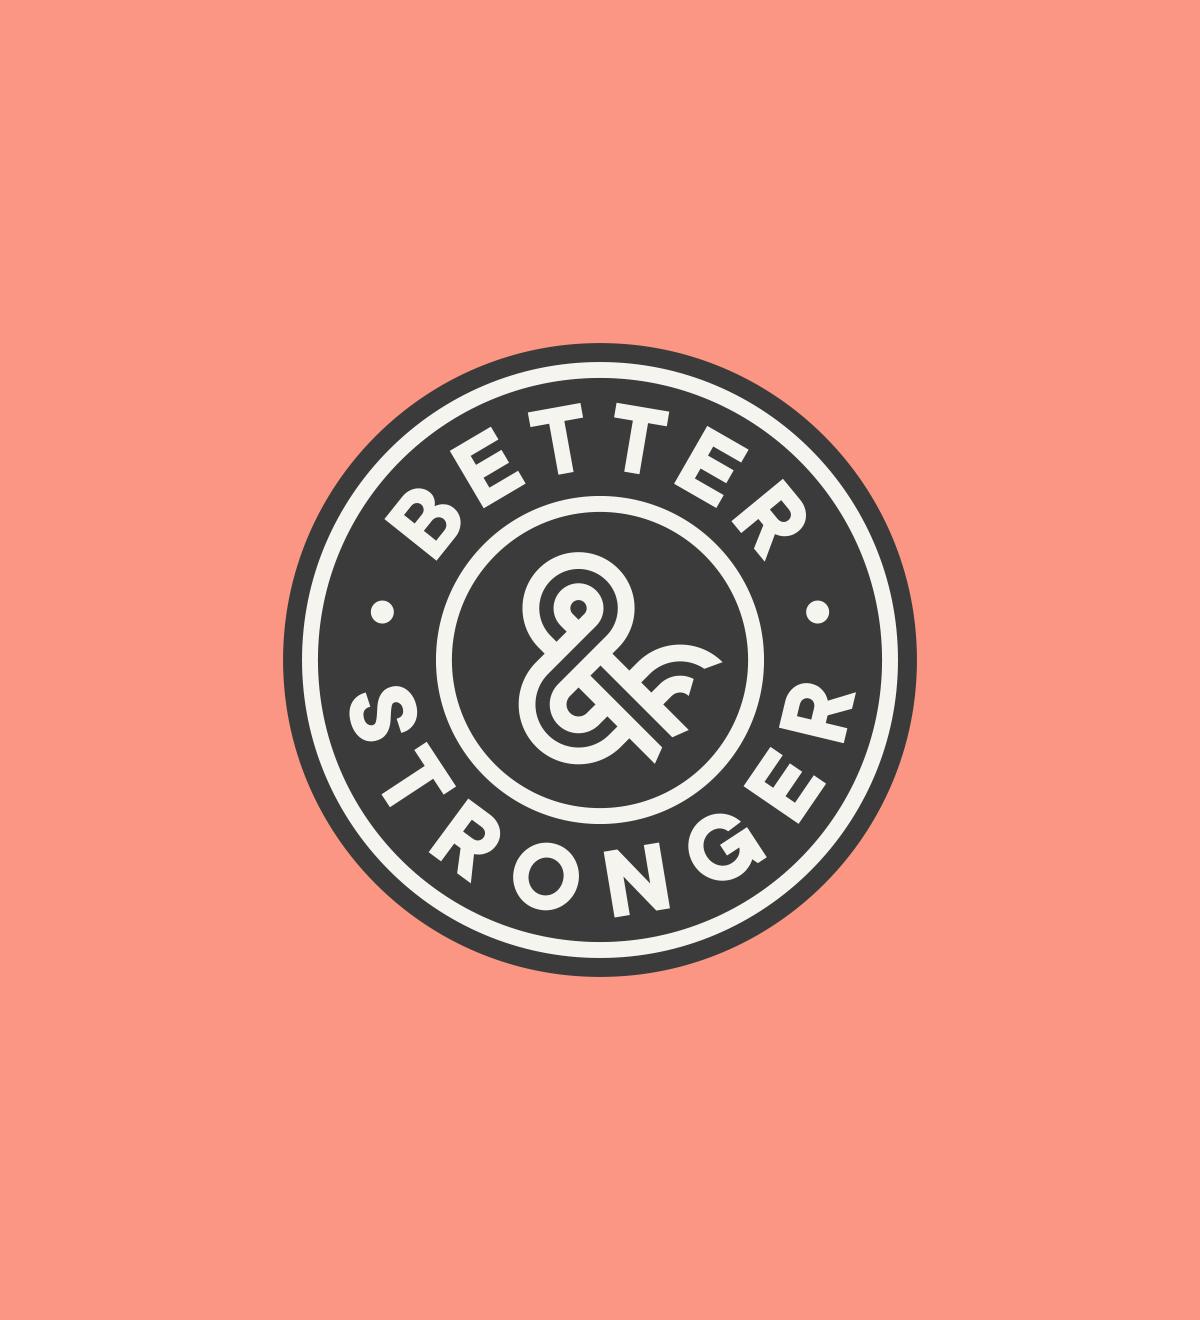 TBS_BetterAndStronger_LogoSeal_v1